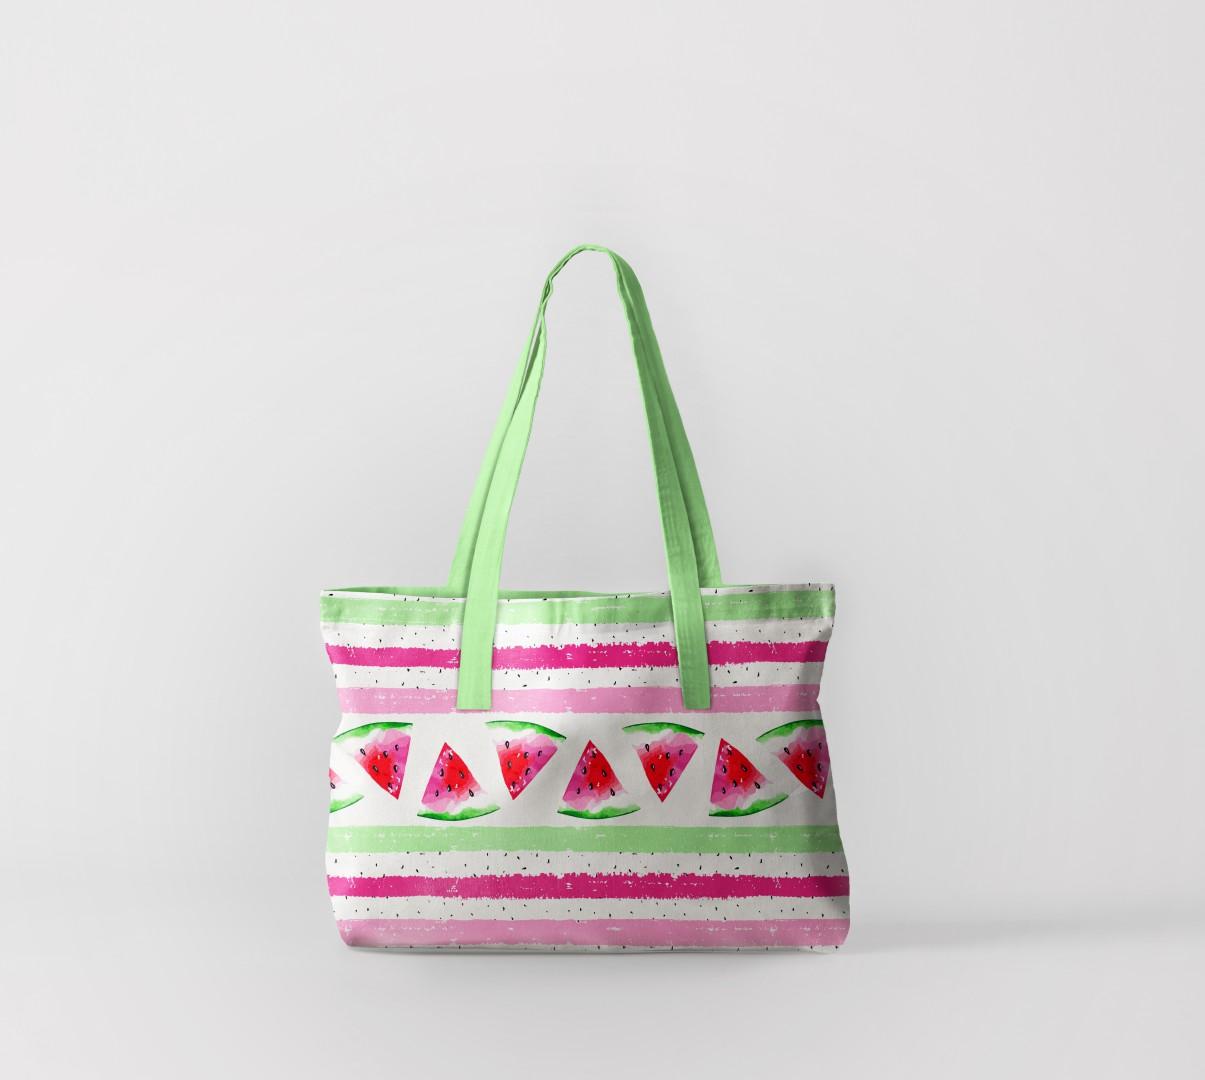 Пляжная сумка Дольки арбузов 1 (50х40 см) Олимп Текстиль oli732566